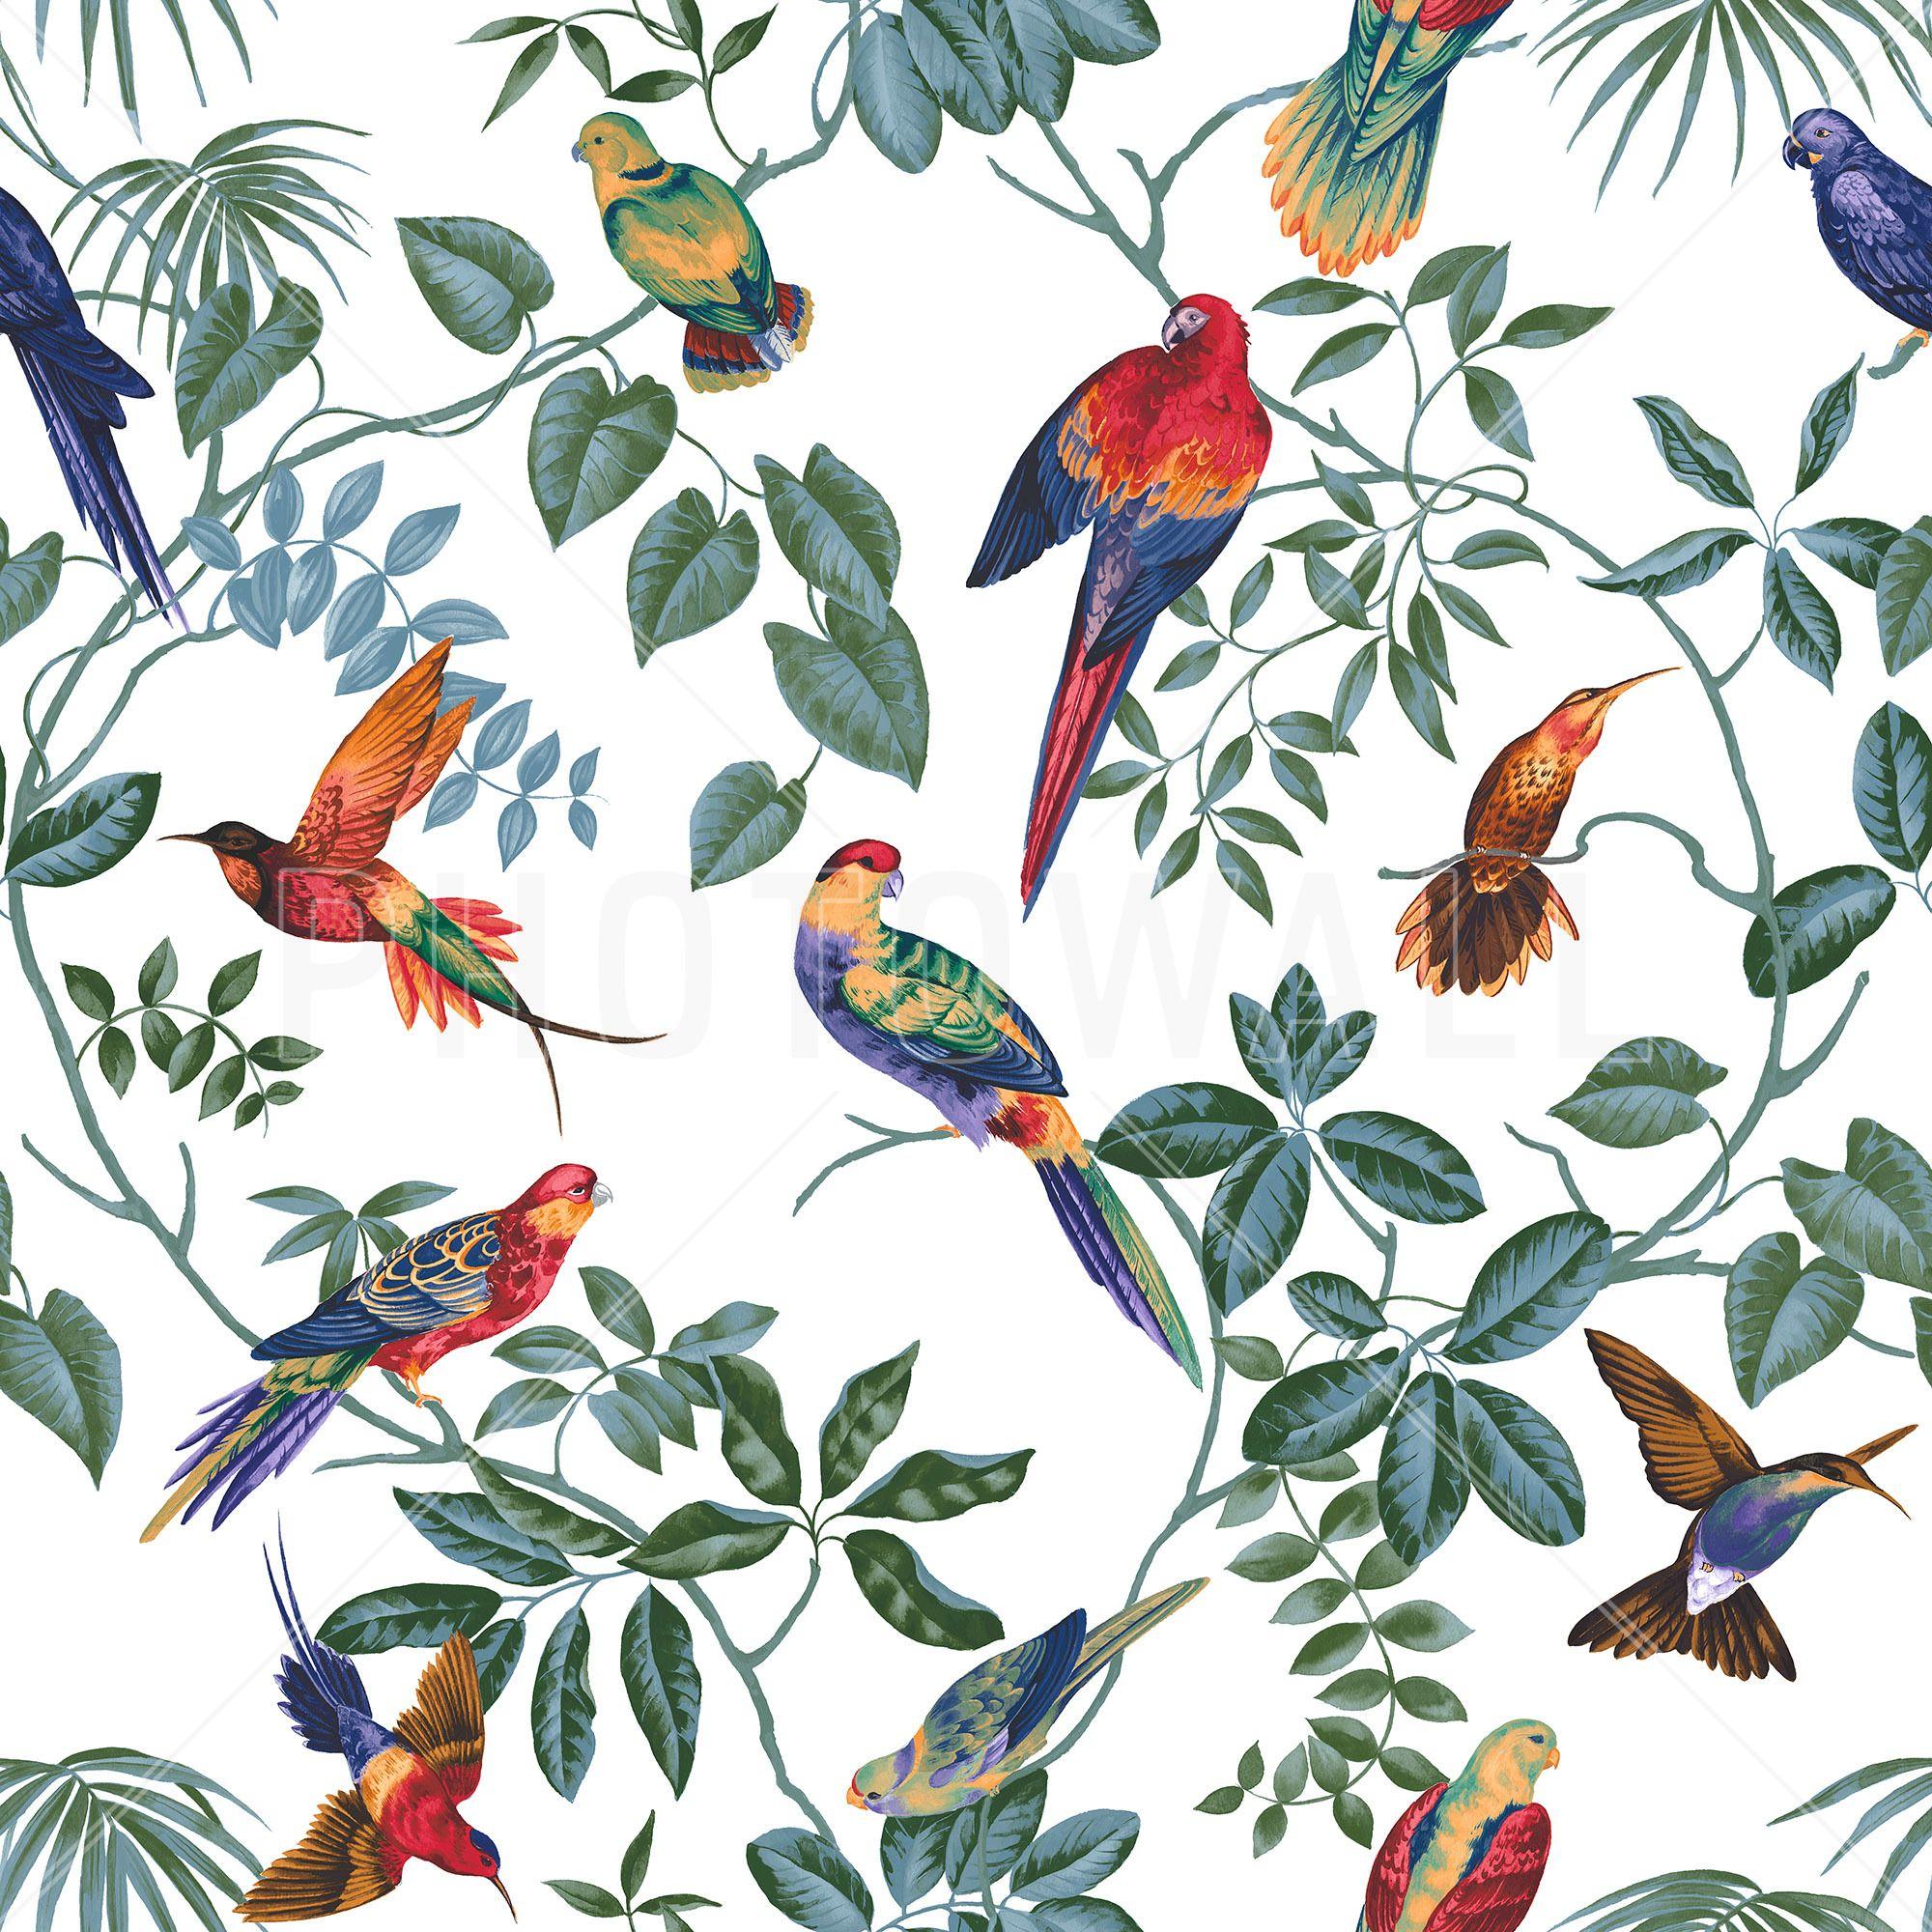 фотобумага также узоры и картинки с птицами образом, апостол отыграл